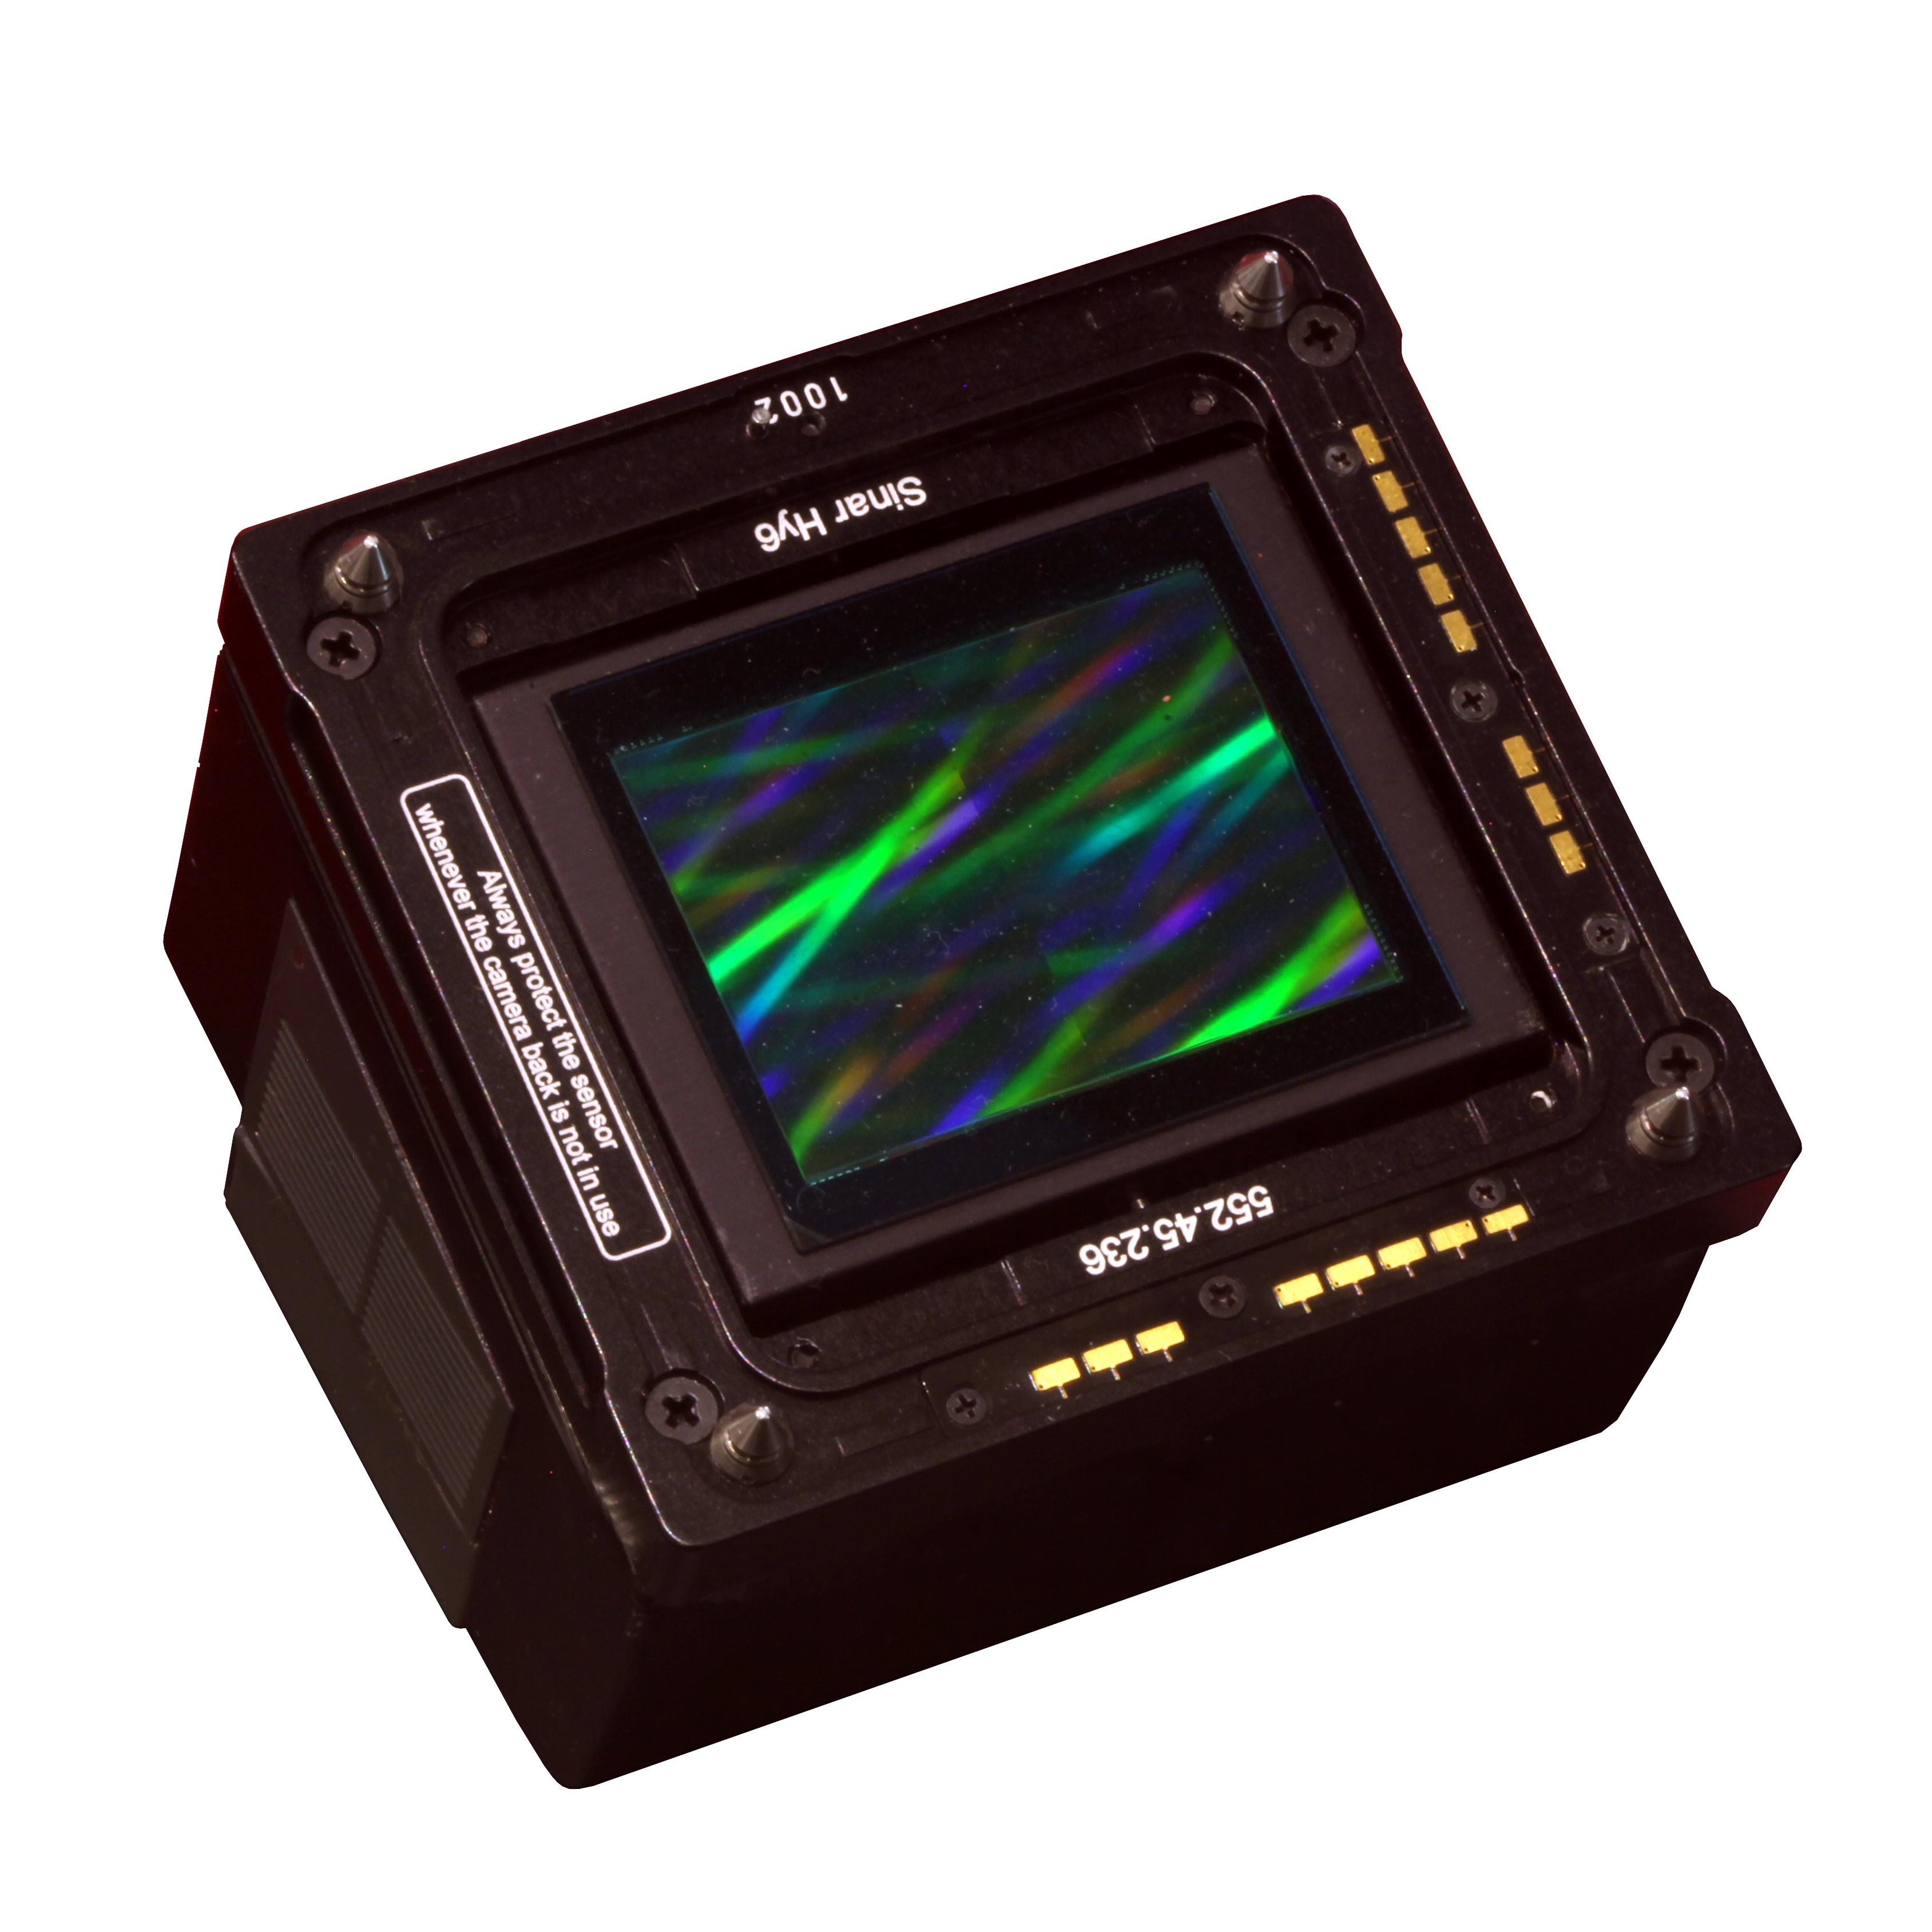 sensor img 2924.jpg